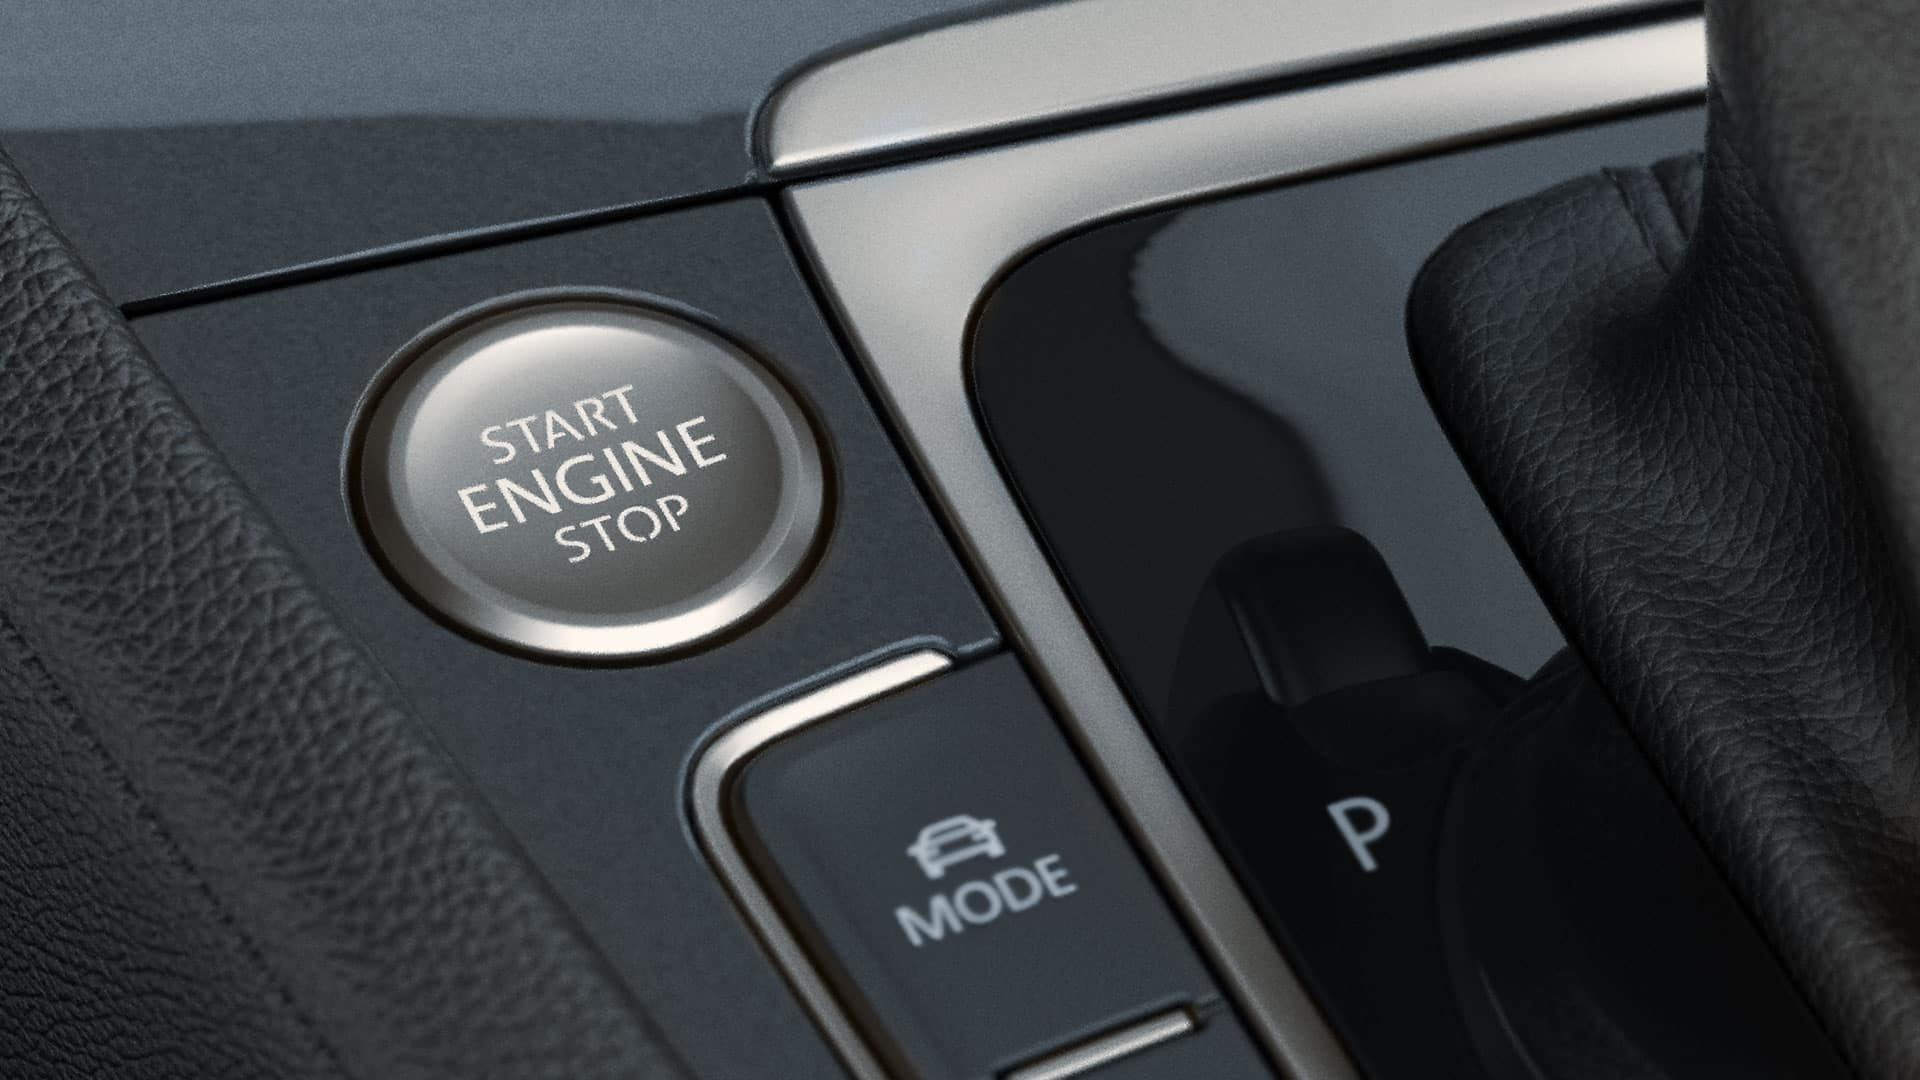 VW Golf SportWagen KESSY keyless access